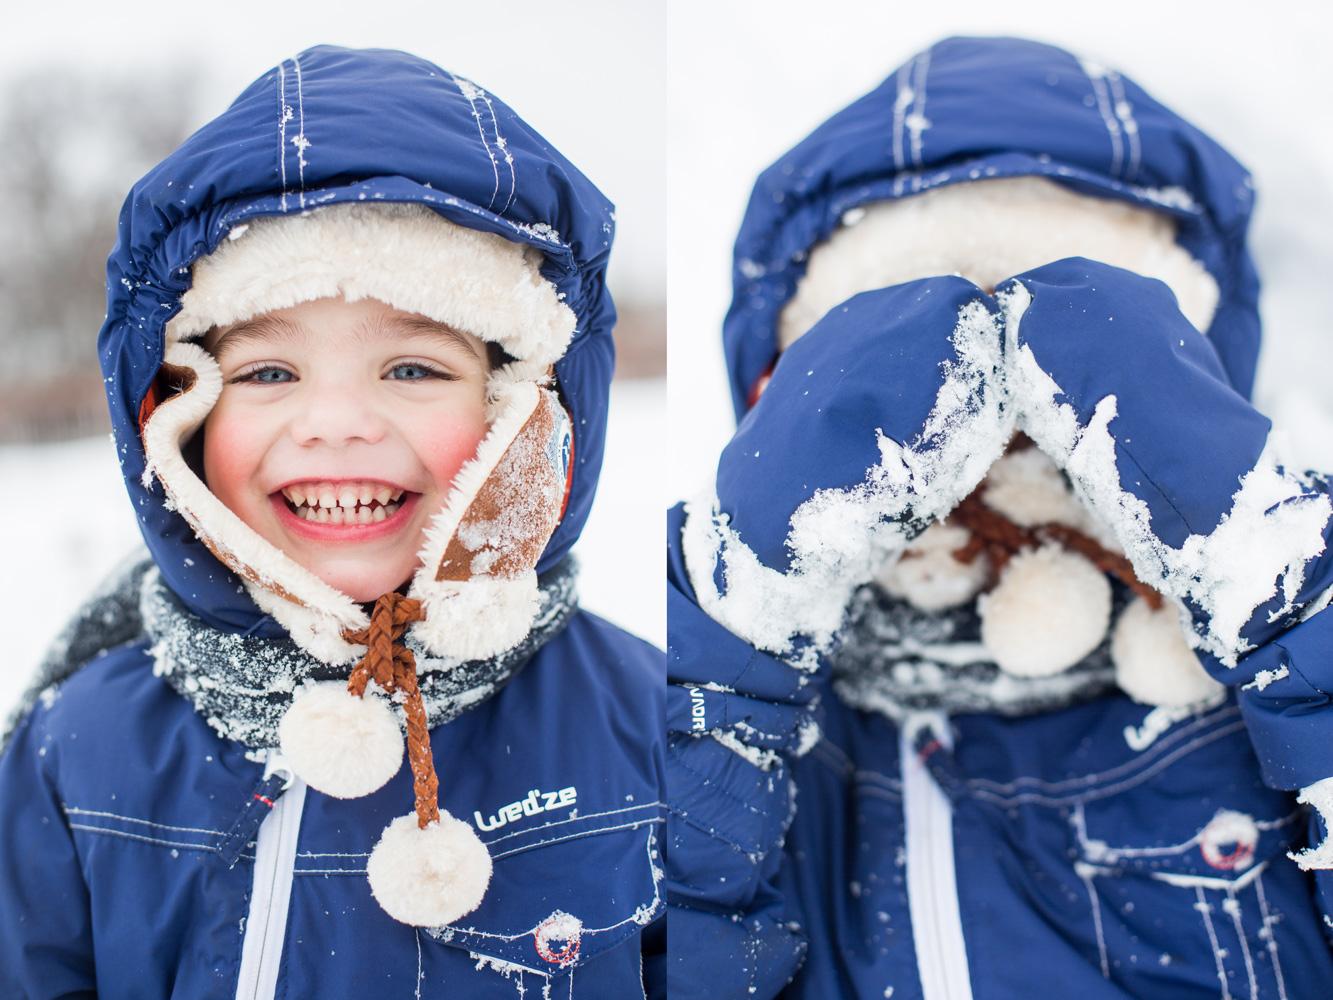 Portrait d'un enfant bien couvert dans la neige qui joue avec le photographe